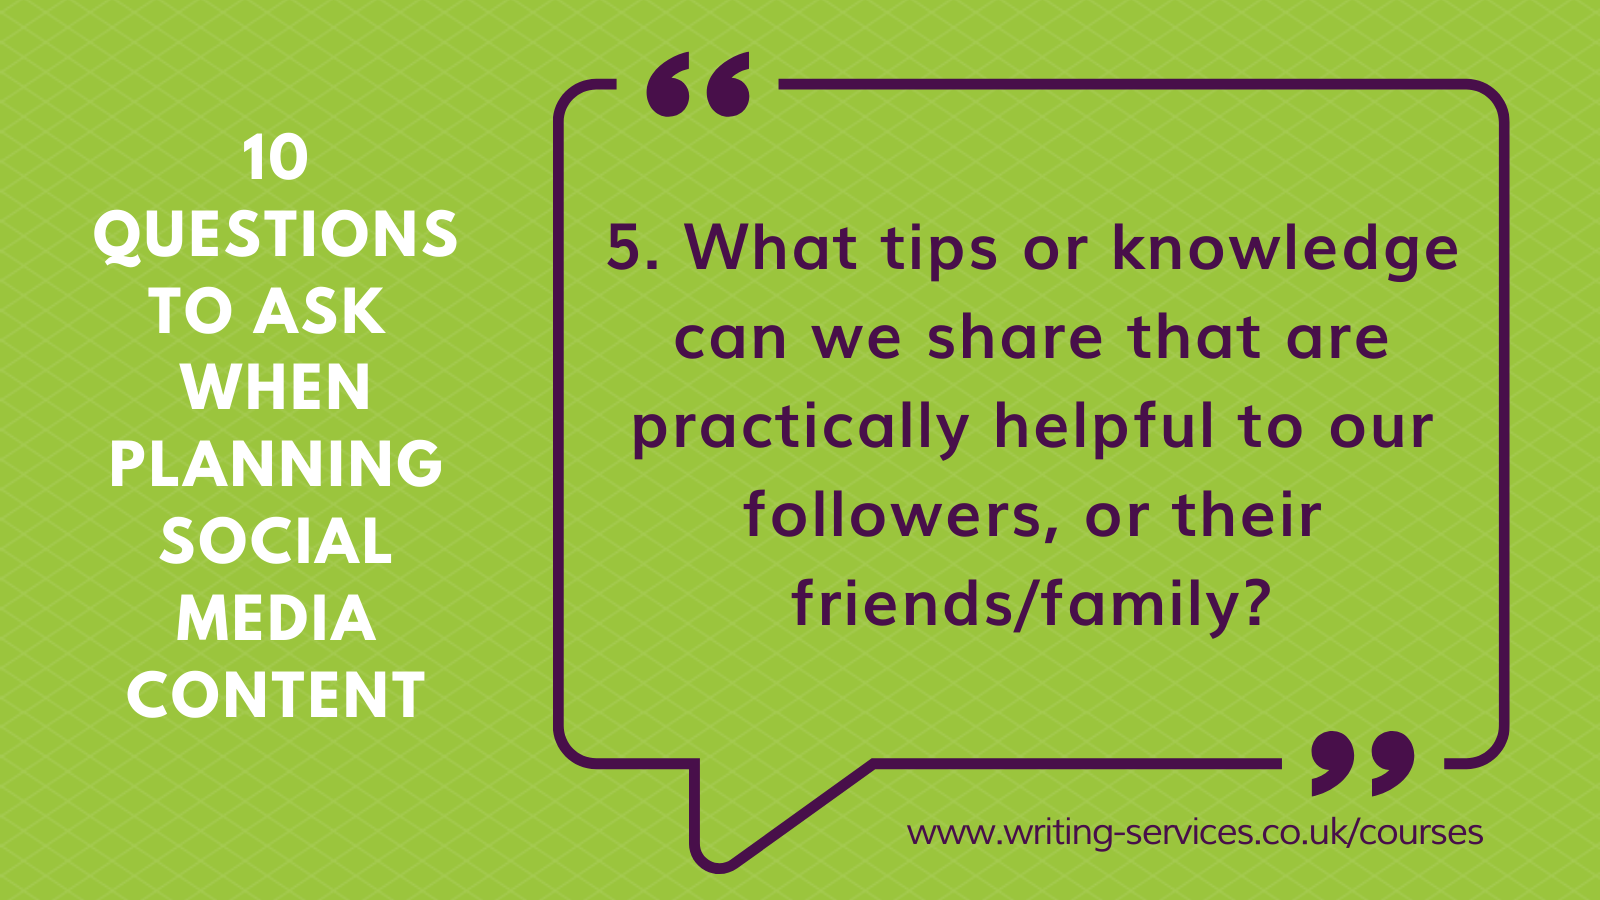 Social media tips 5